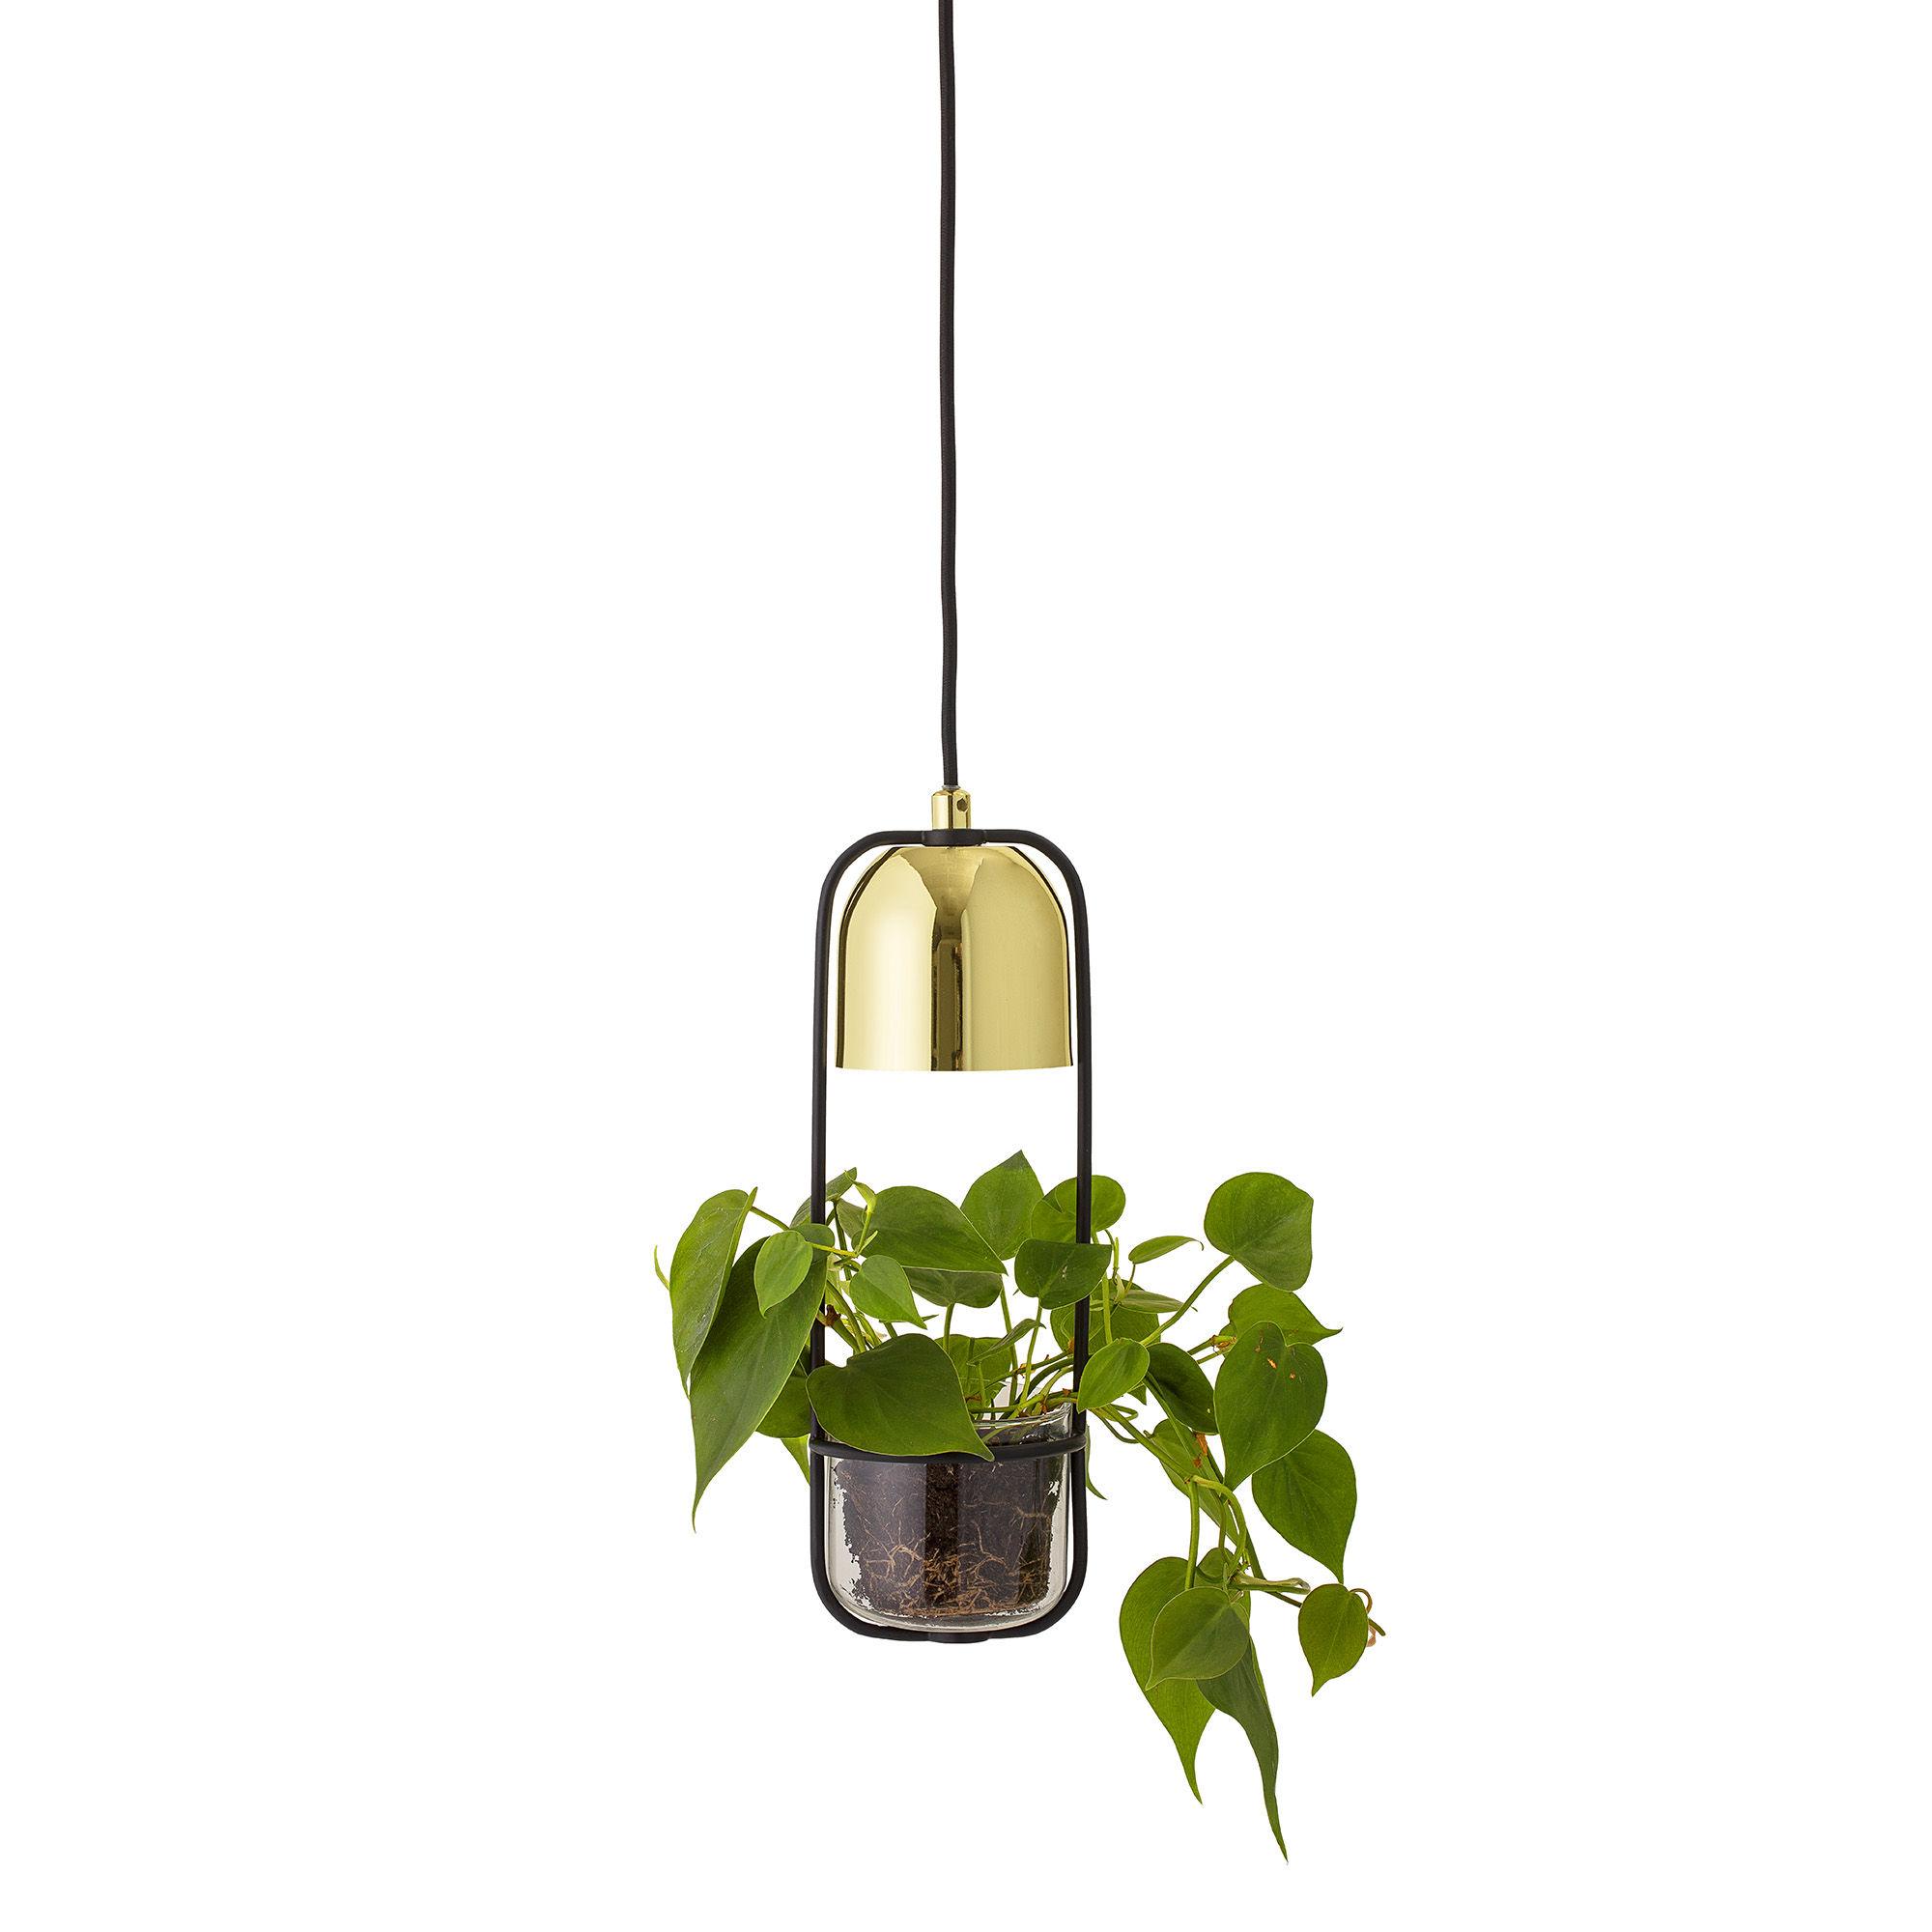 Illuminazione - Lampadari - Sospensione - / Con vaso di fiori - Ø 10 x  H 34 cm di Bloomingville -  - Metallo, Vetro